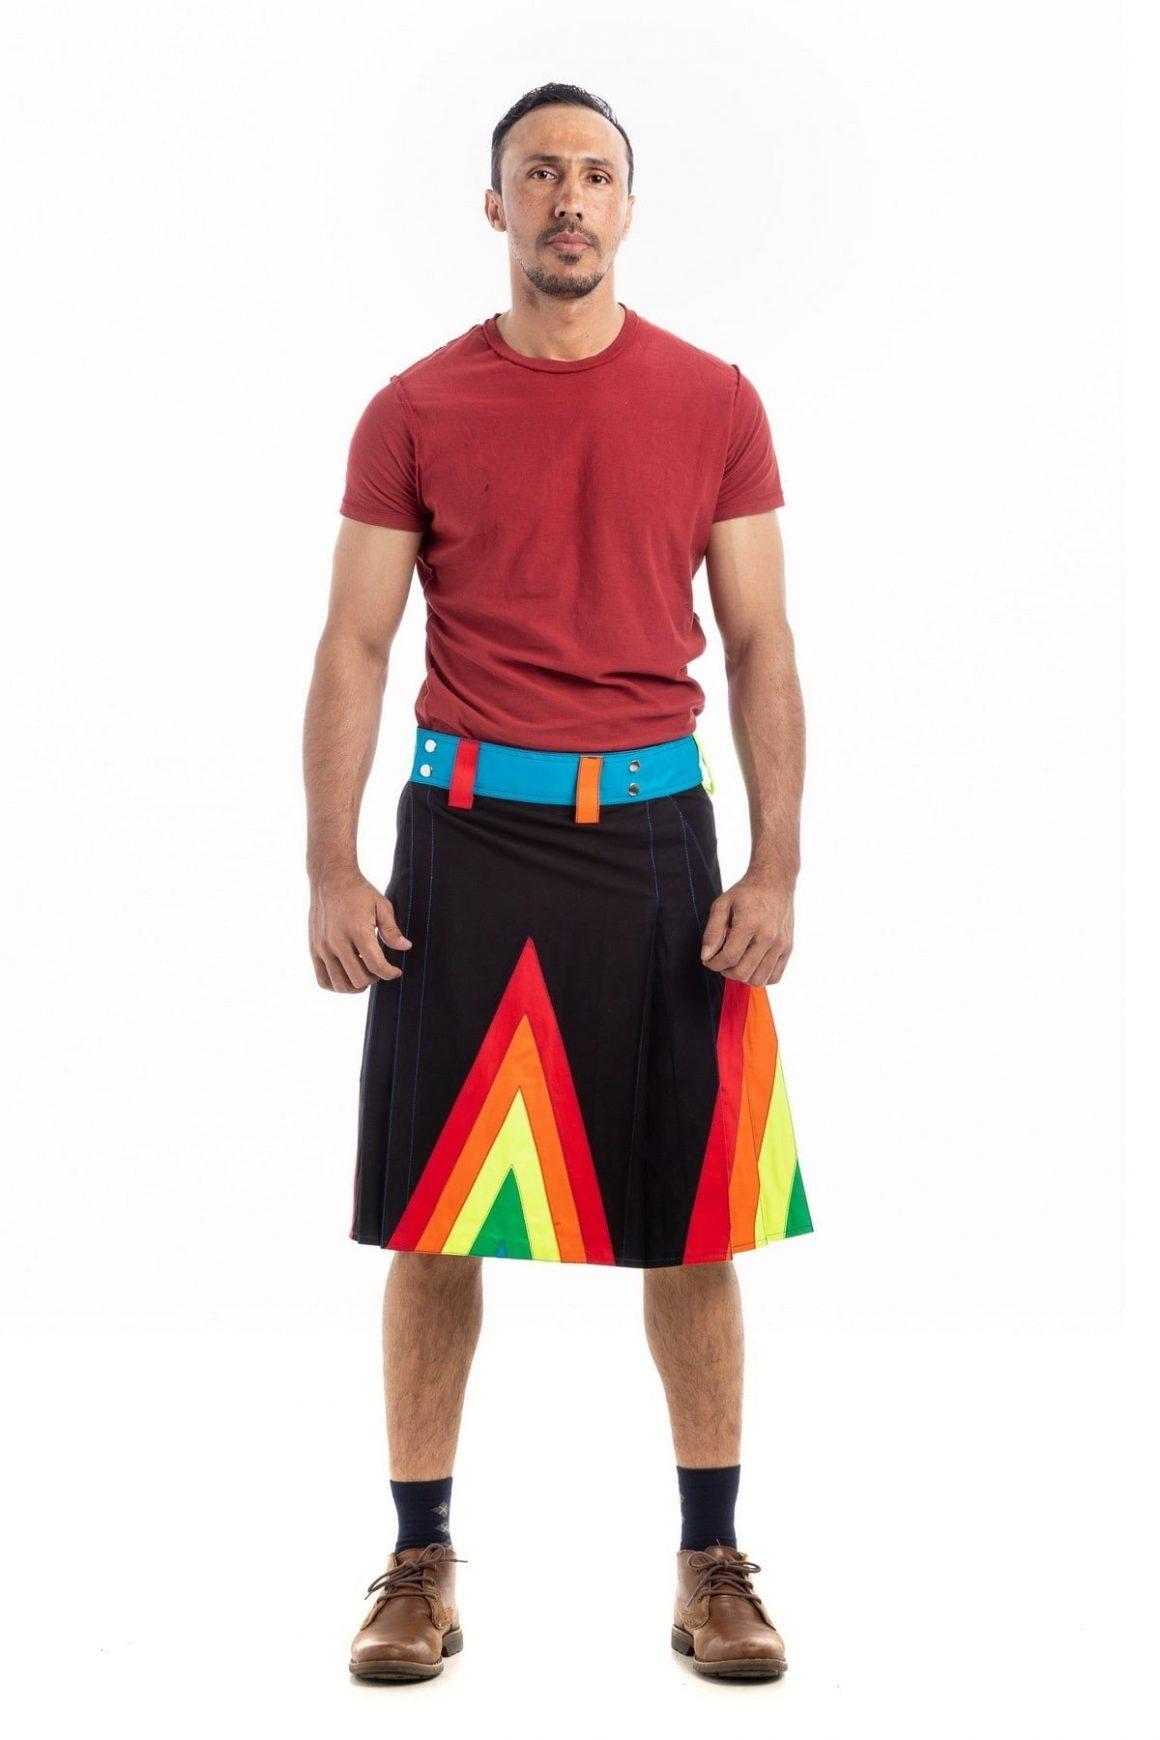 Rainbow Kilt For Stylish Man